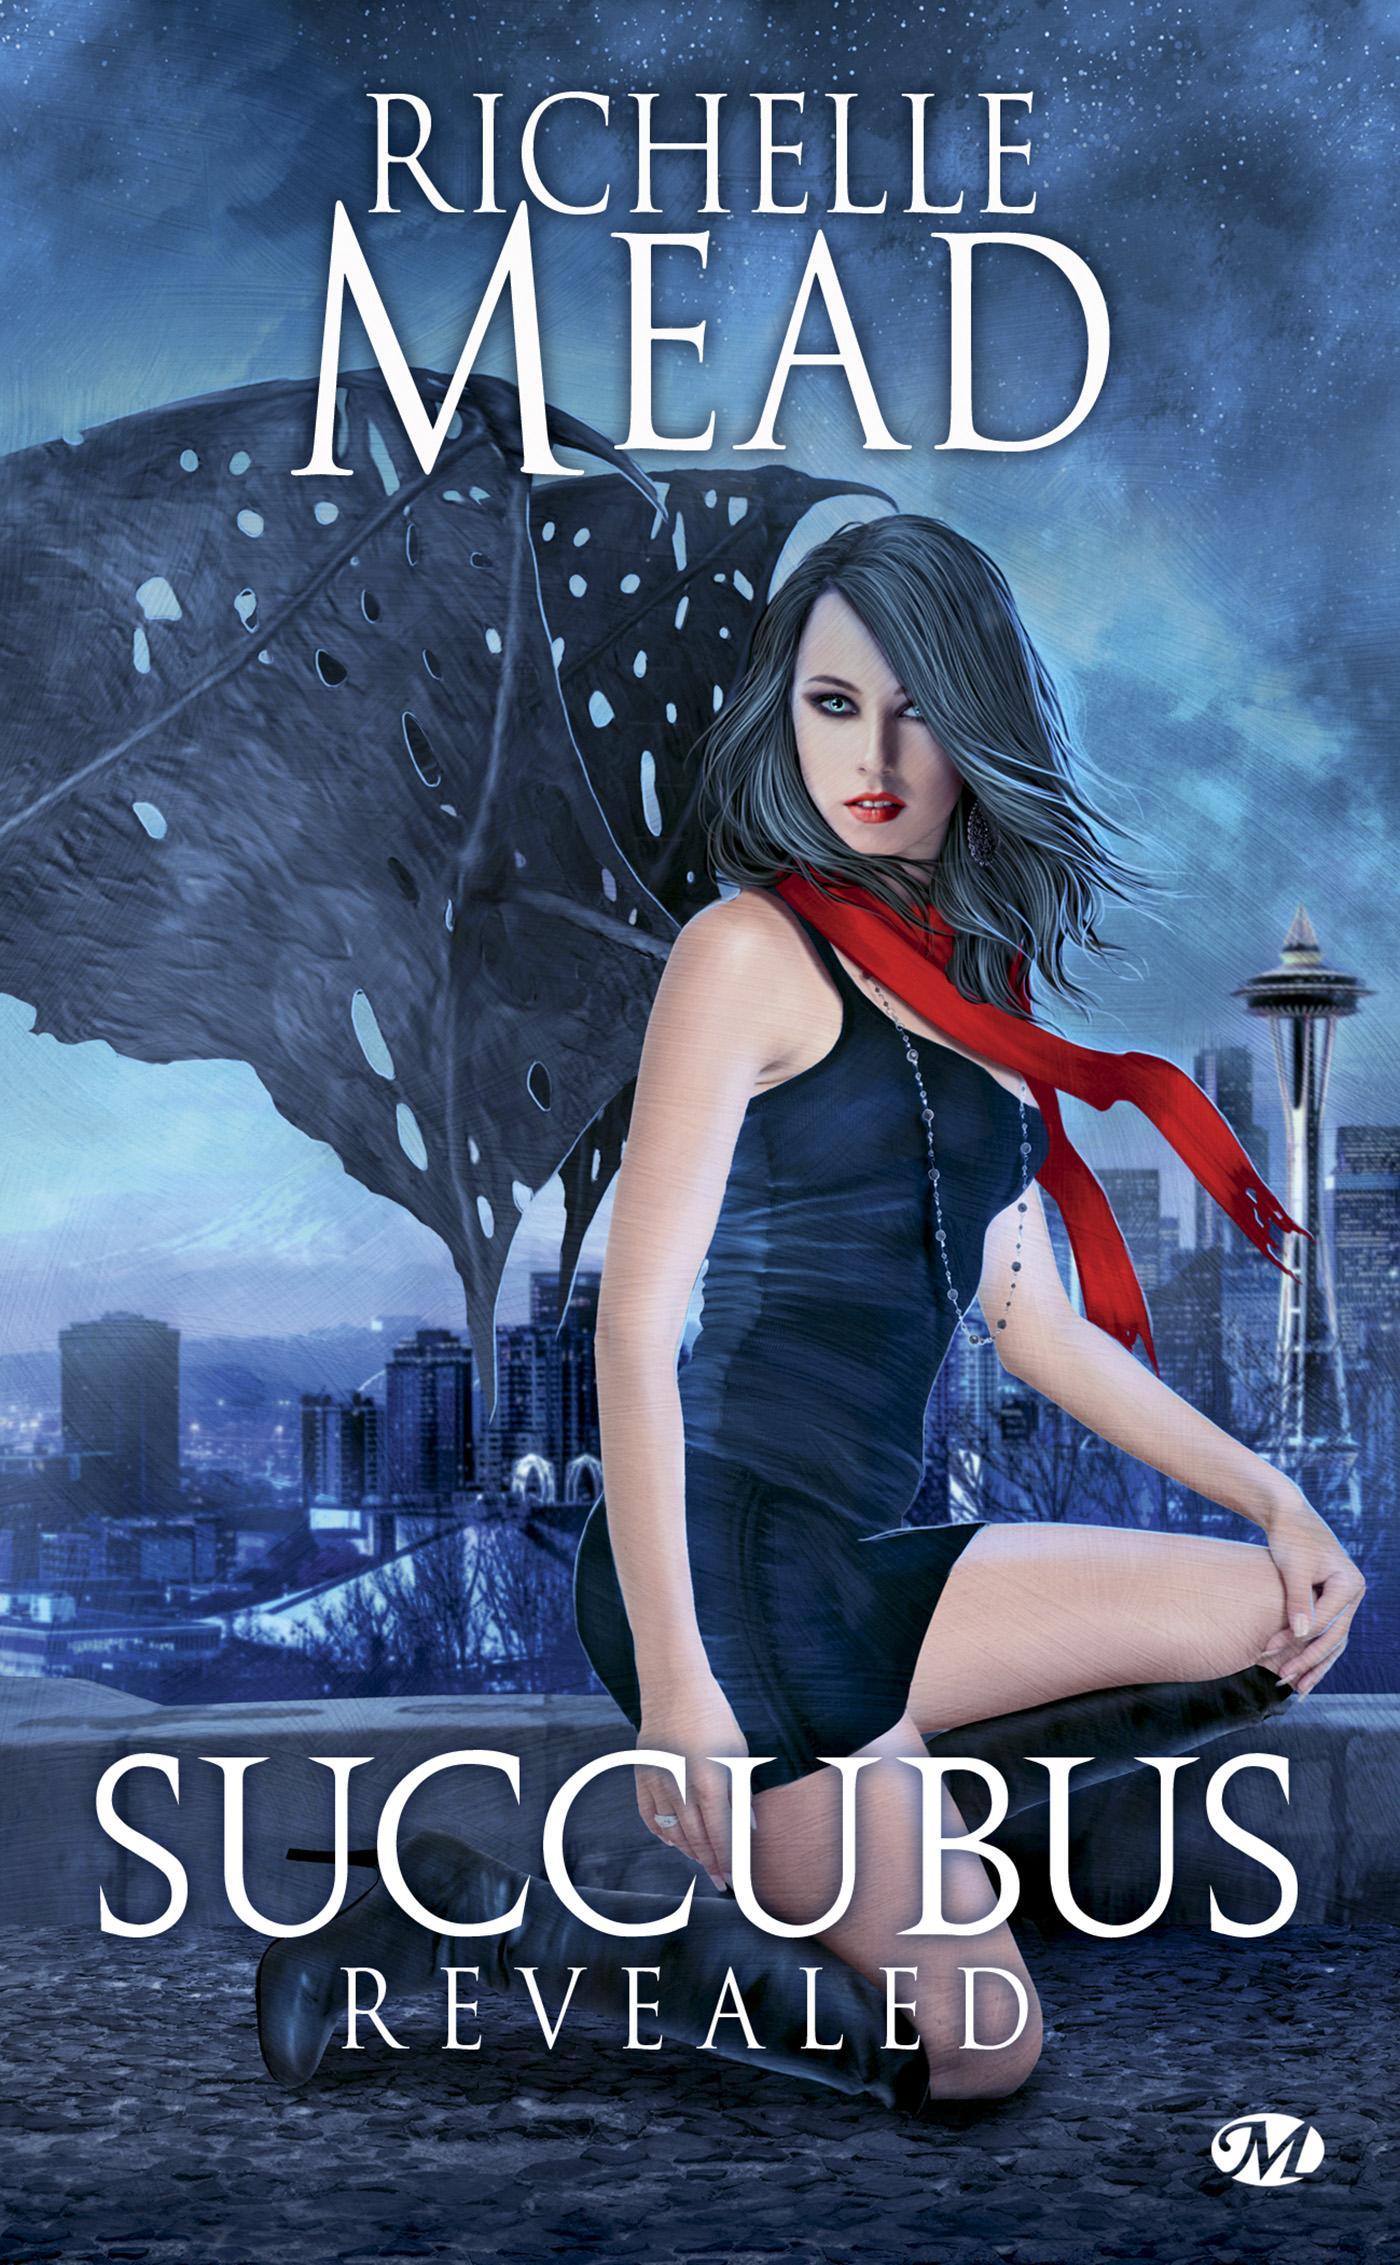 Succubus Revealed, SUCCUBUS, T6